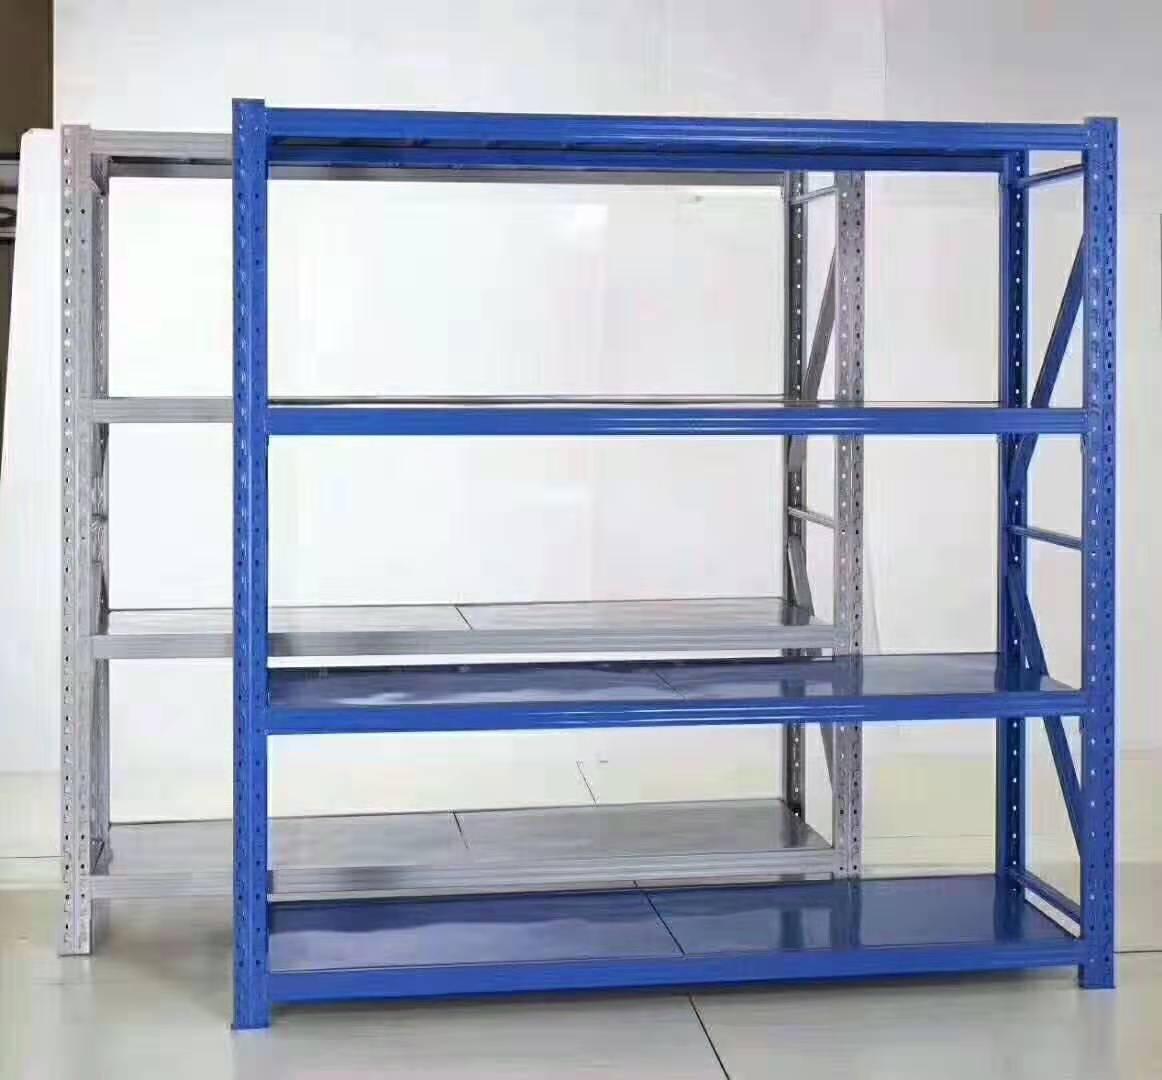 仓储库房货架重型货物架中型服装家用组装置物